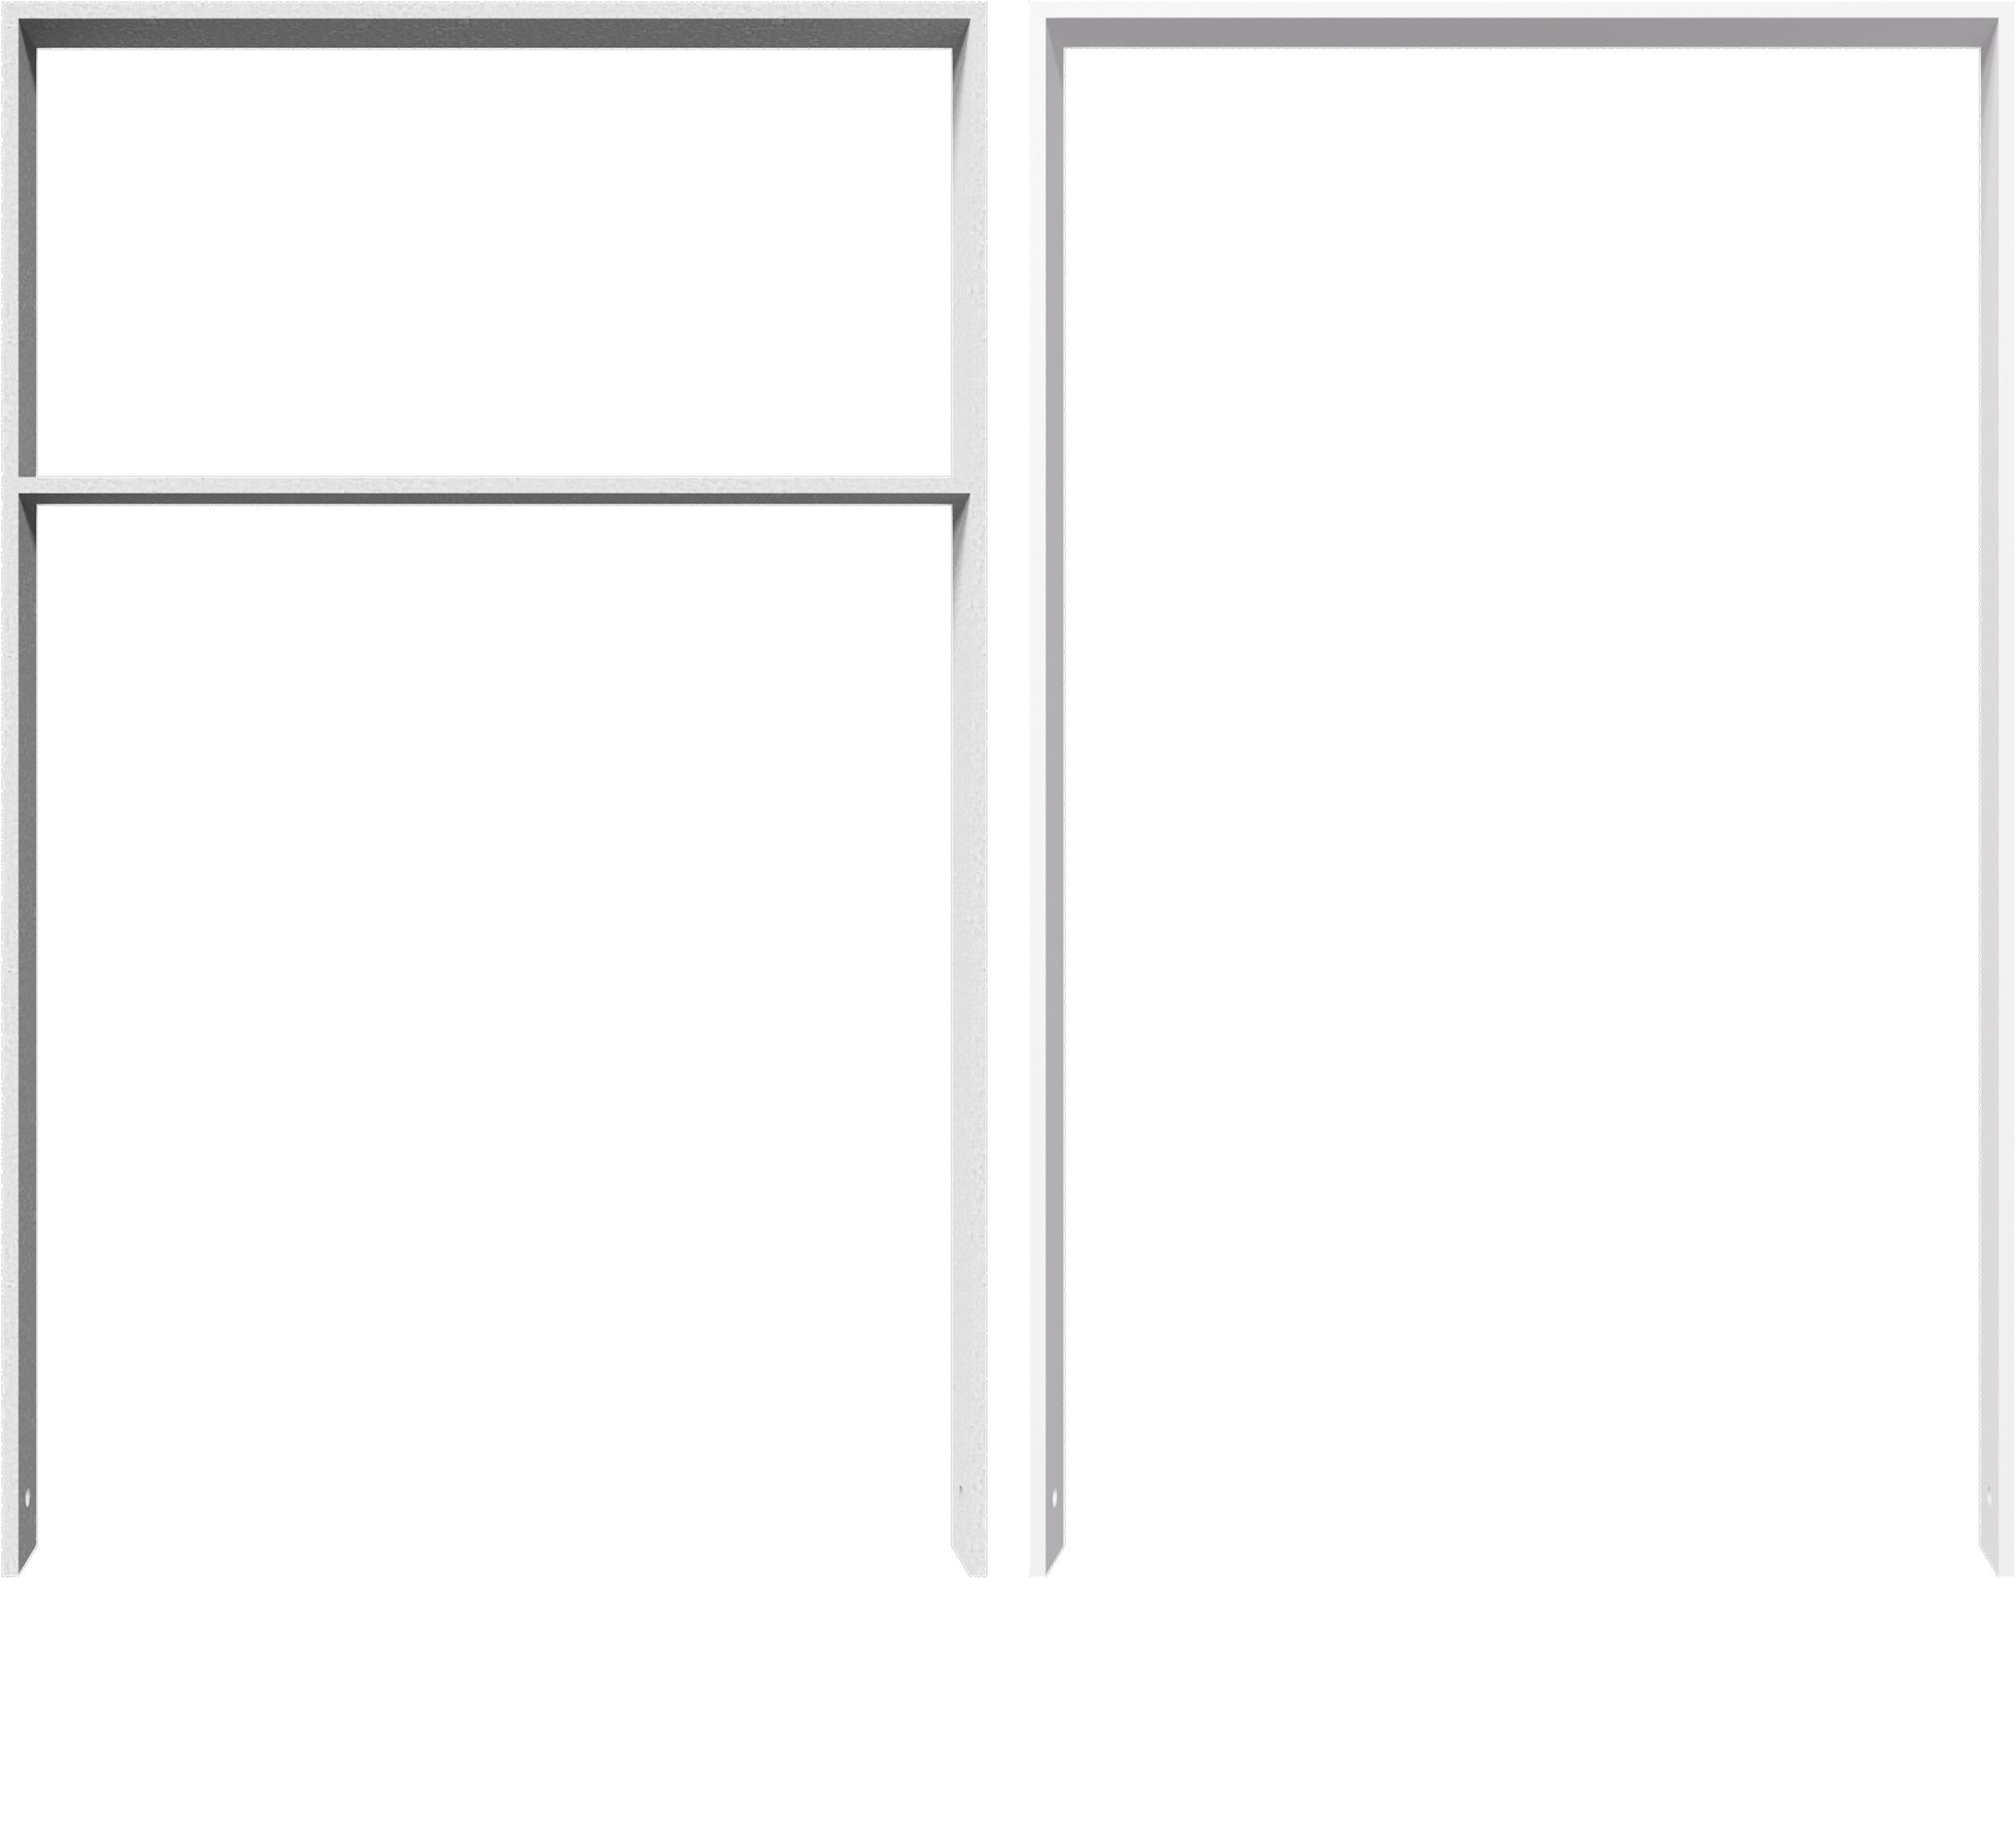 Schake Anlehnbügel Flachstahl 80 x 12 mm verzinkt